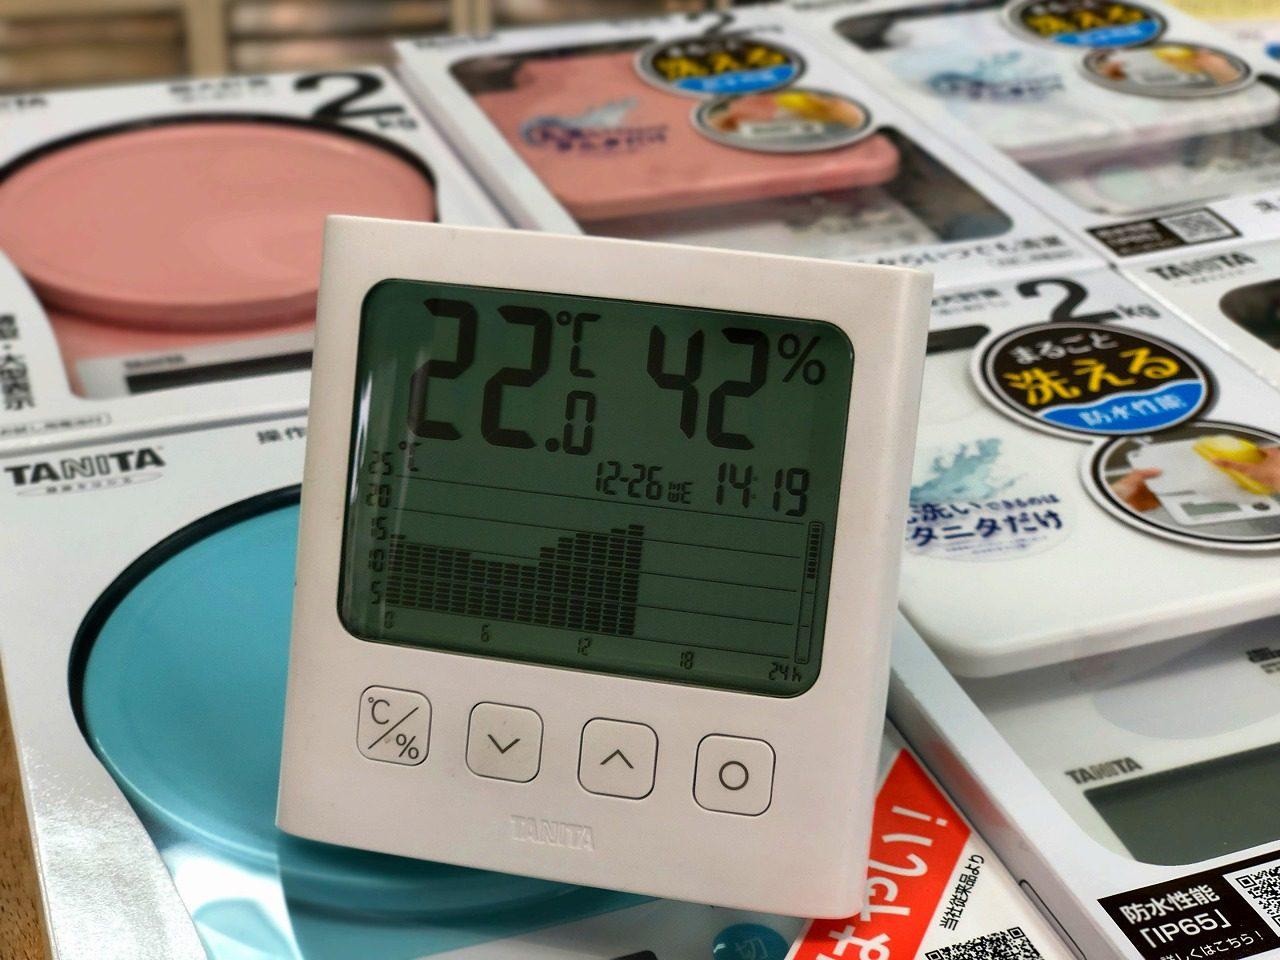 2018.12.26温度変化のグラフ TT-581 グラフ付きデジタル温湿度計